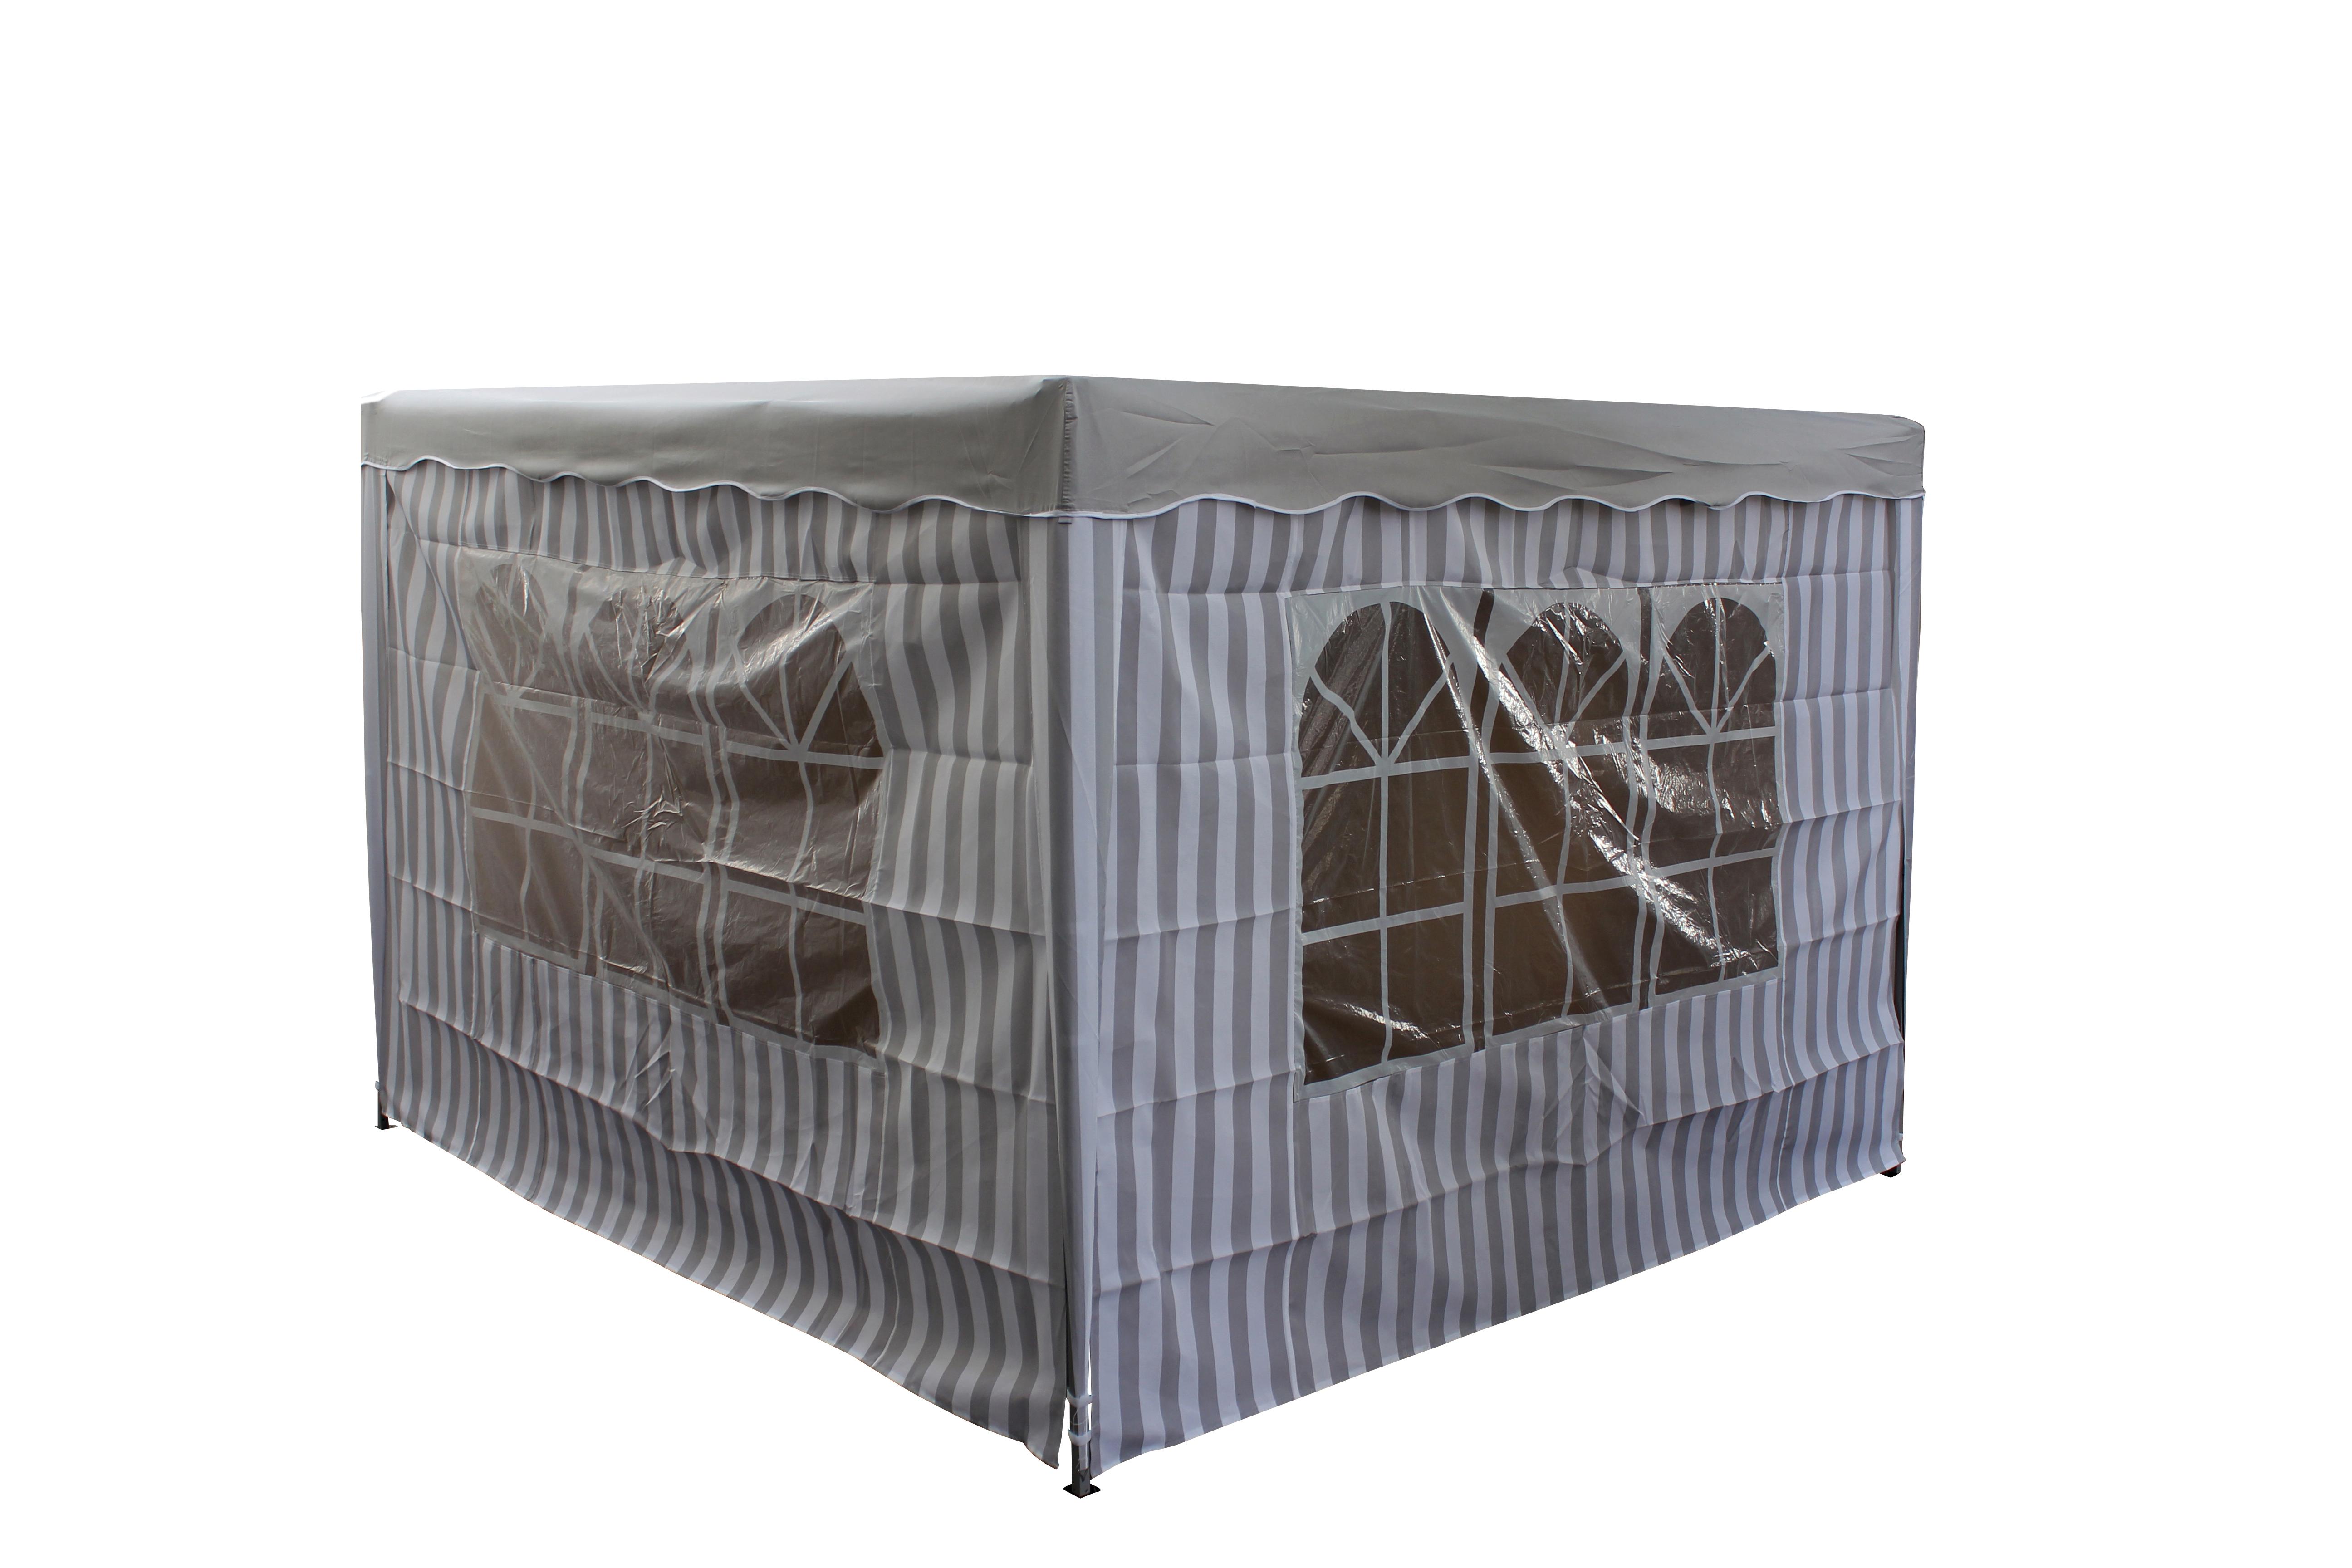 Seitenplanen Set 2-teilig  für Pavillon, 3x2 Meter, grau/weiss, mit Fenstern